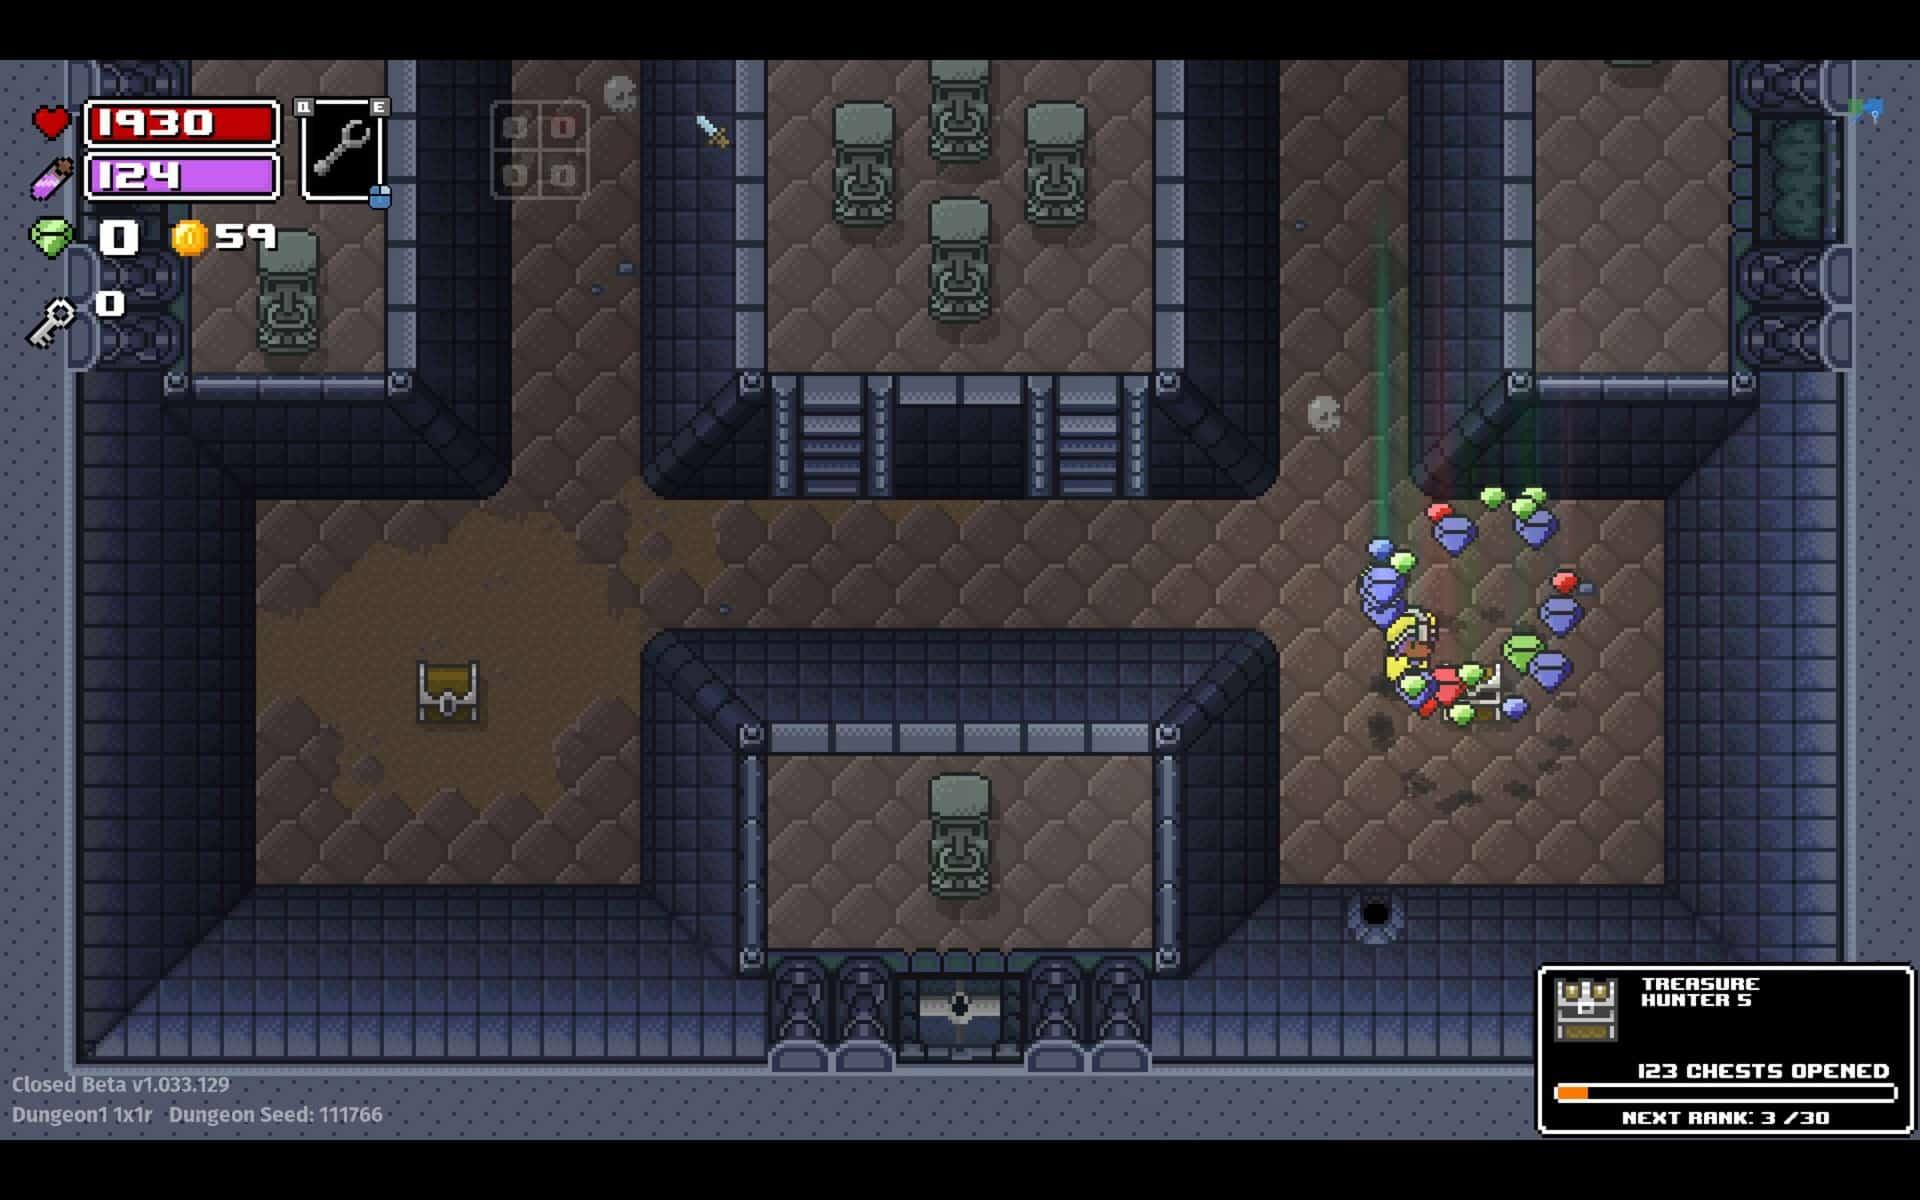 Les gemmes dans Rogue Heroes Ruins of Tsasos